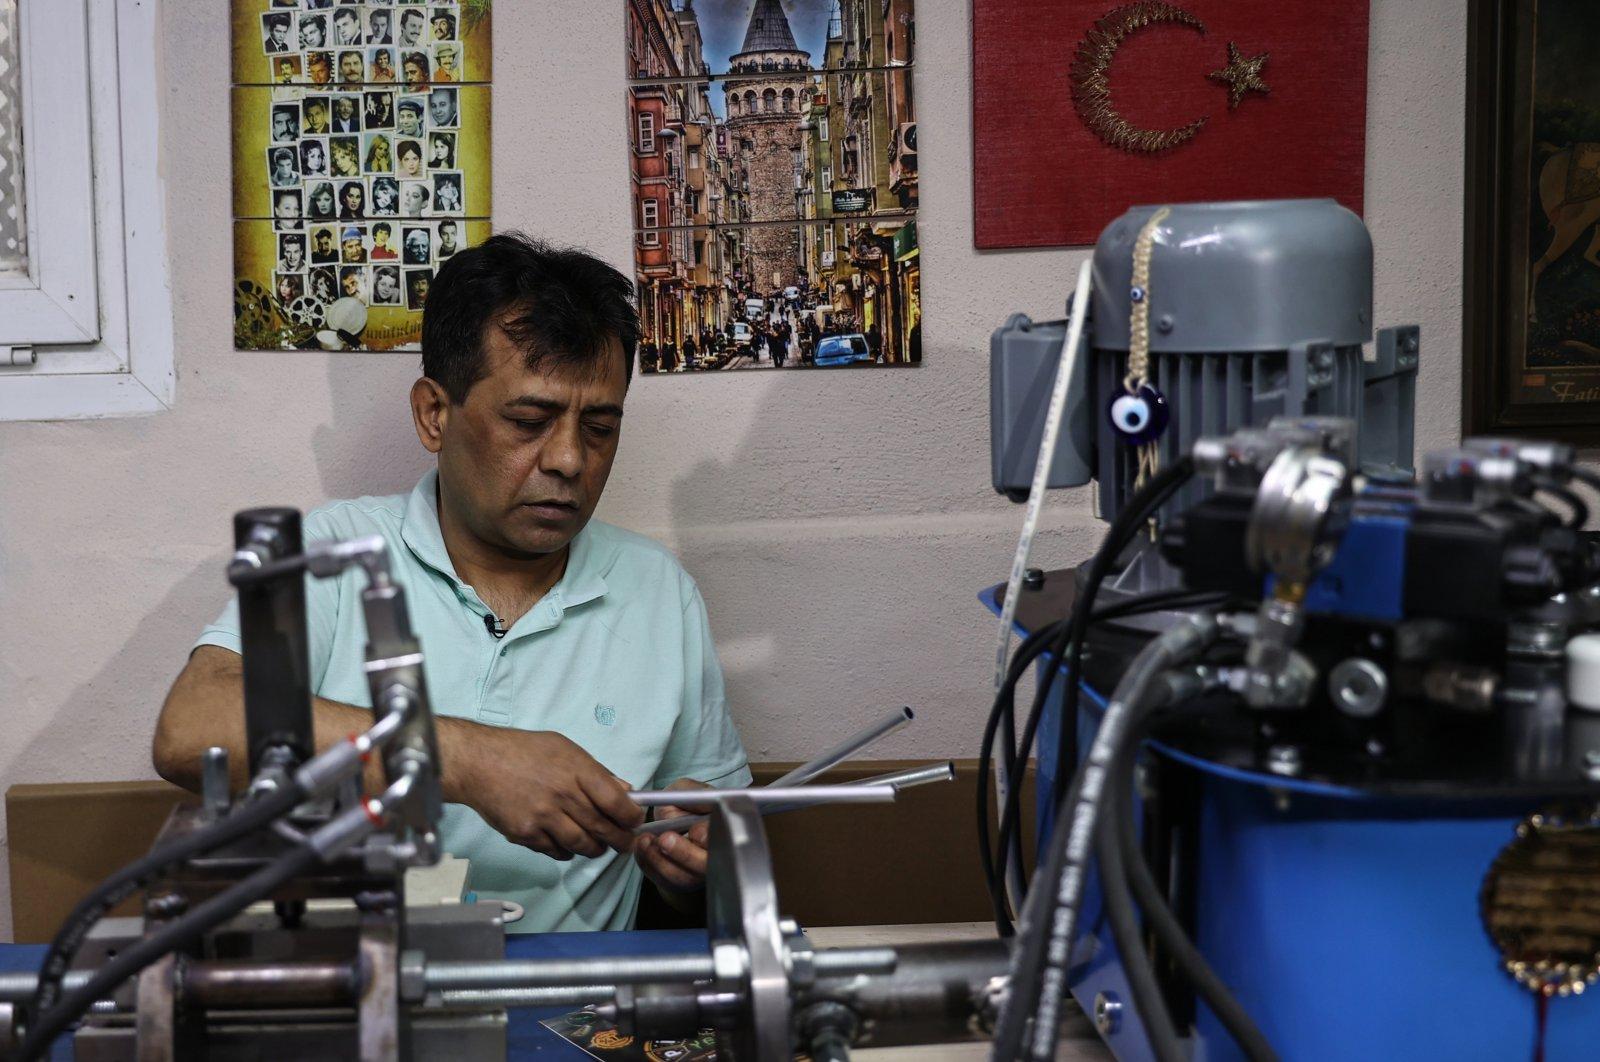 Visually impaired entrepreneur, Ayhan Öztürk, works in his workshop, in Istanbul, Turkey, on May 11, 2021. (AA Photo)